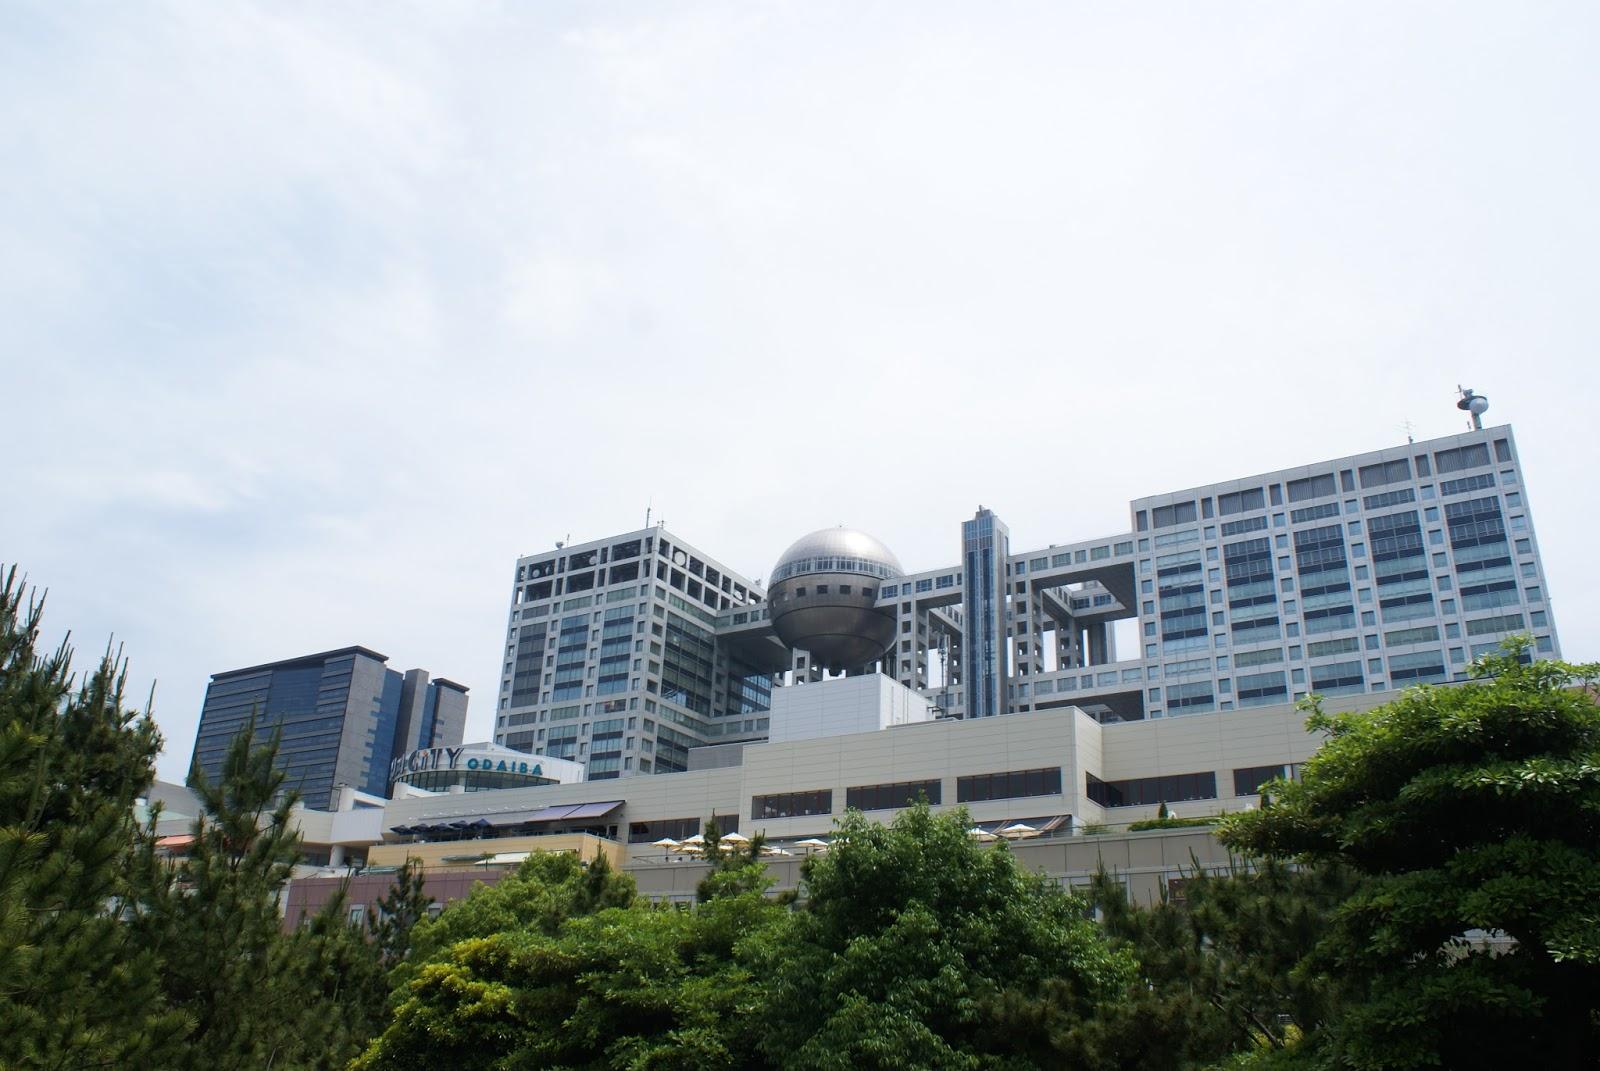 tokyo odaiba japan fuji tv building